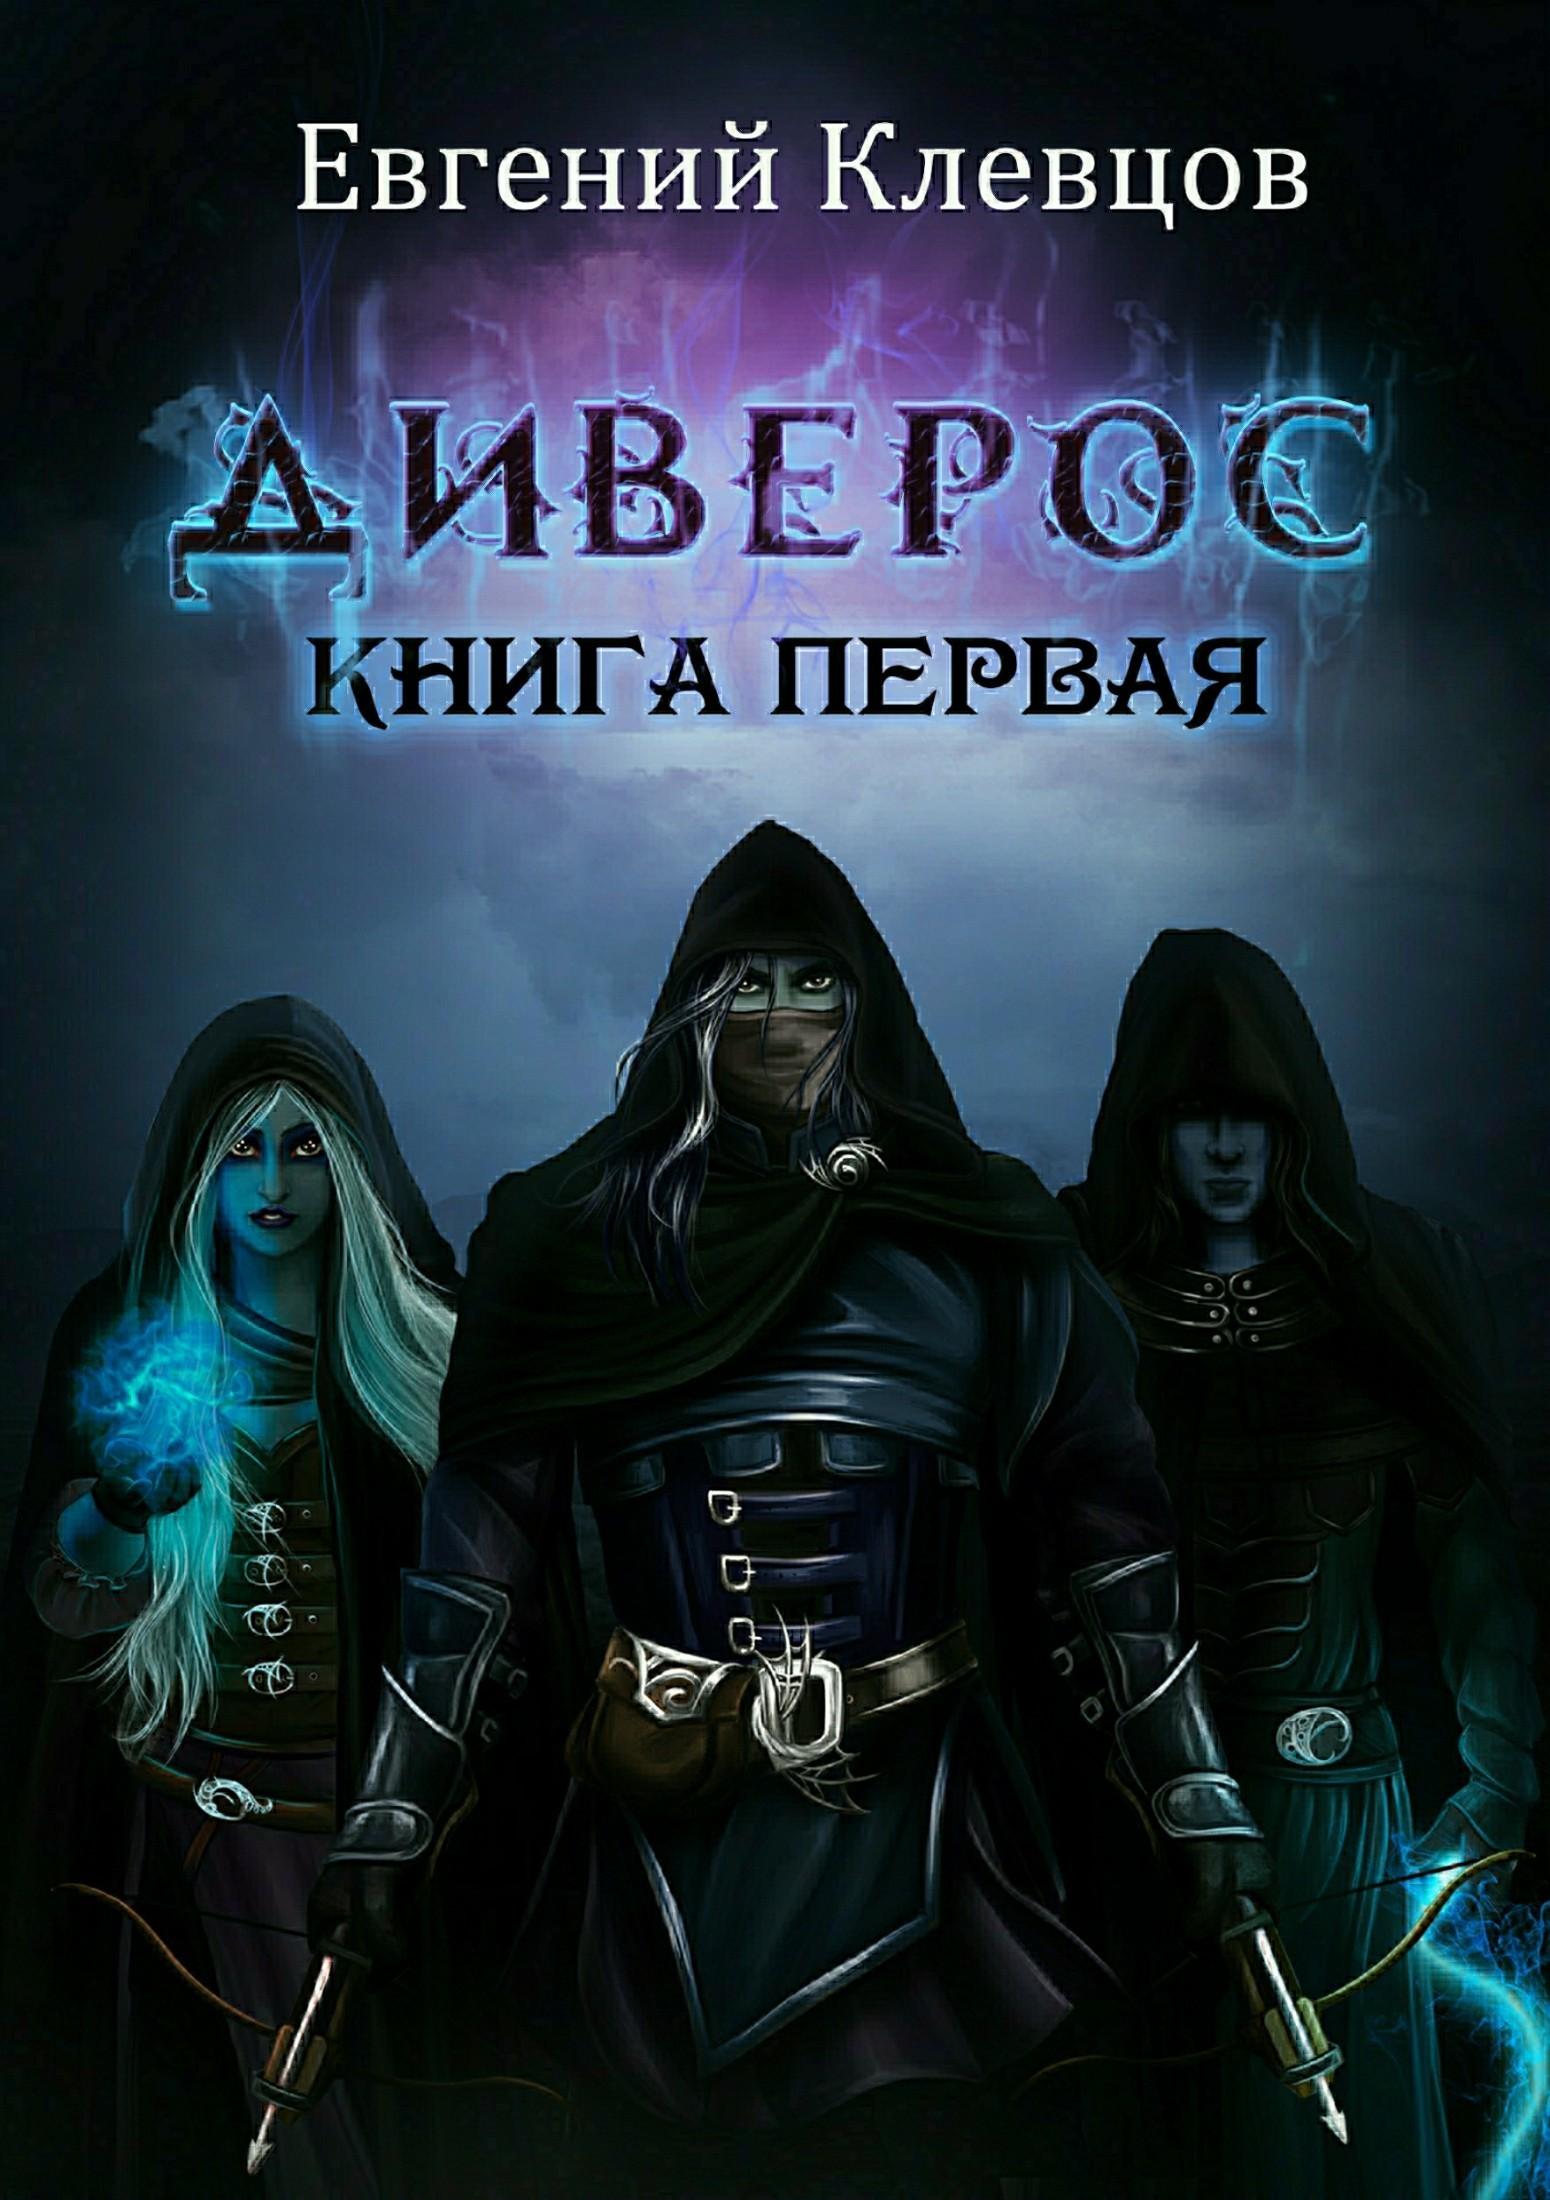 Евгений Клевцов бесплатно